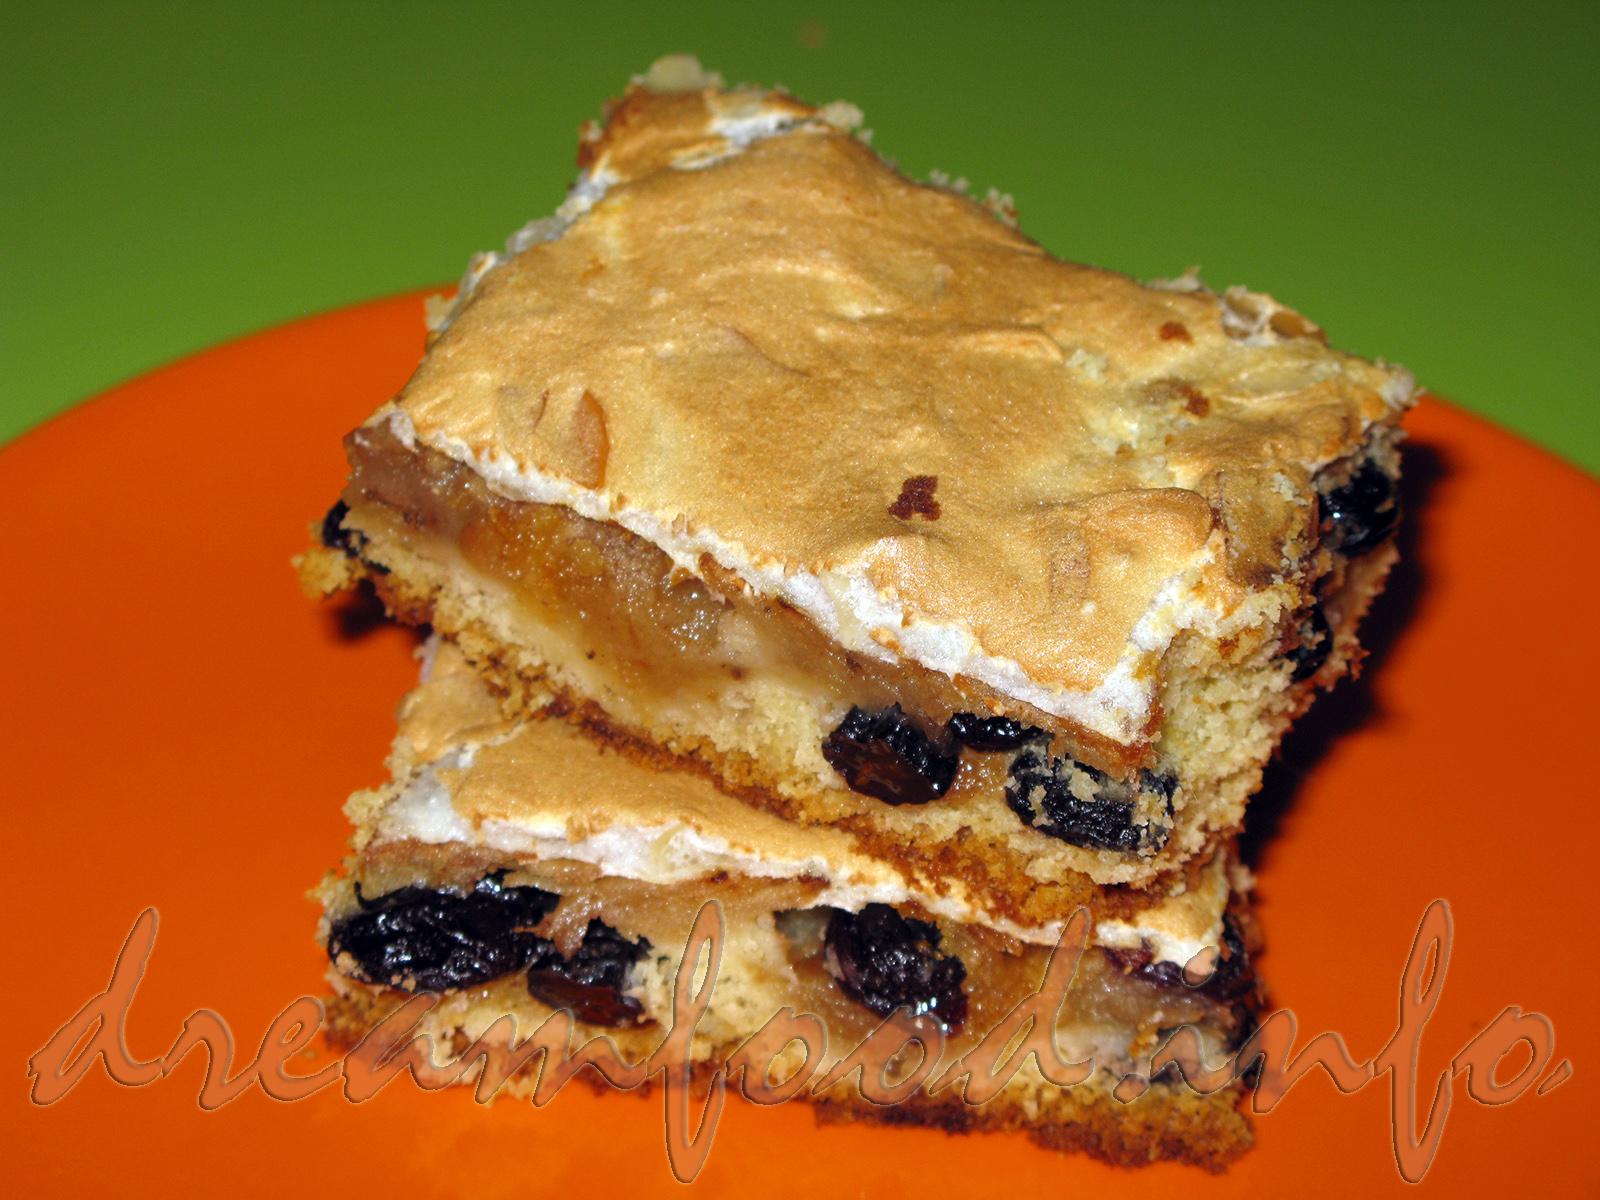 Яблочный пирог по-польски рецепт с фото пошагово. Как 41